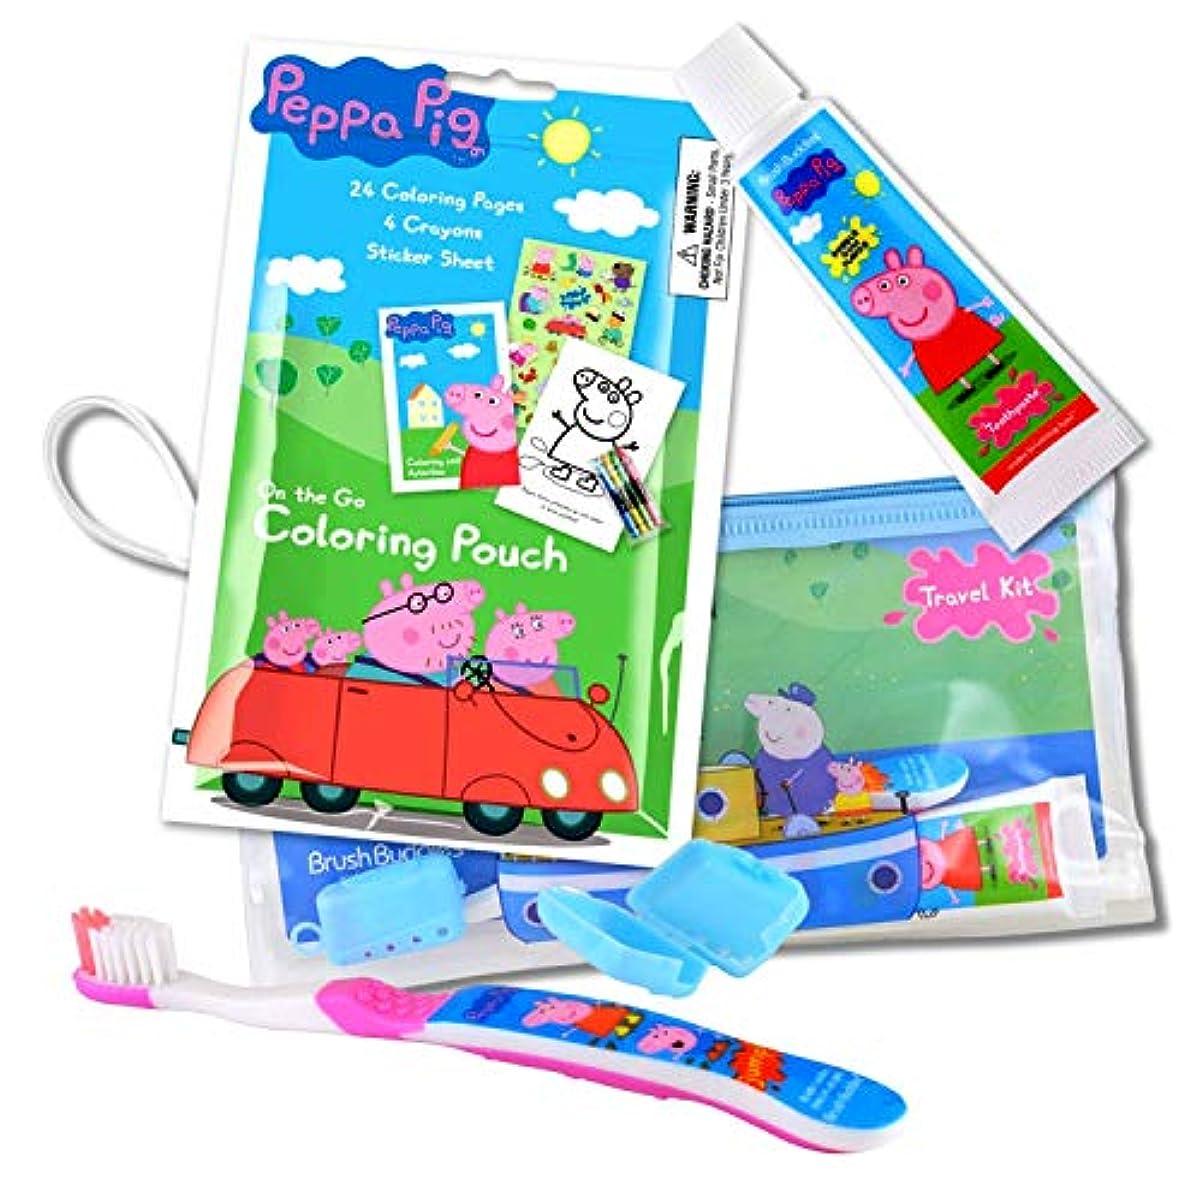 相対性理論アナログ加害者Peppa Pig トラベルキット ペッパ歯ブラシと歯磨き粉 ジッパー付き 再封可能 トラベルバッグ付き ペッパピッグアクティビティセット クレヨン、ステッカー、ミニカラーリングブック付き